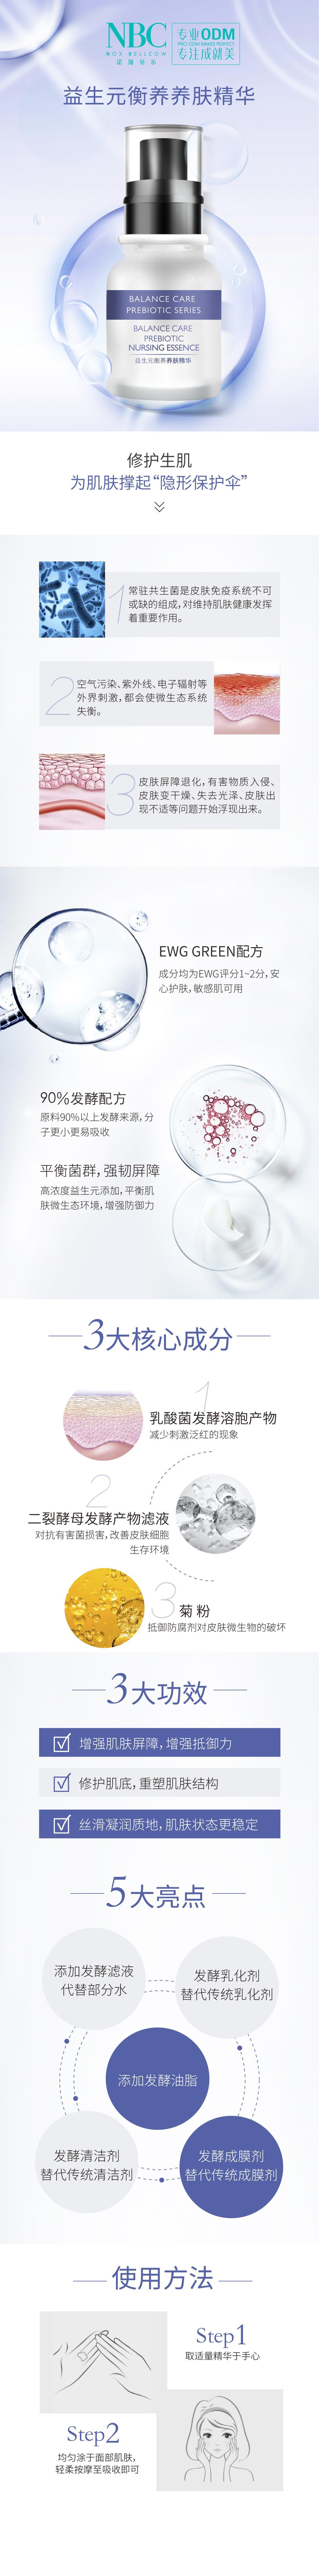 养肤精华详情图-01.jpg